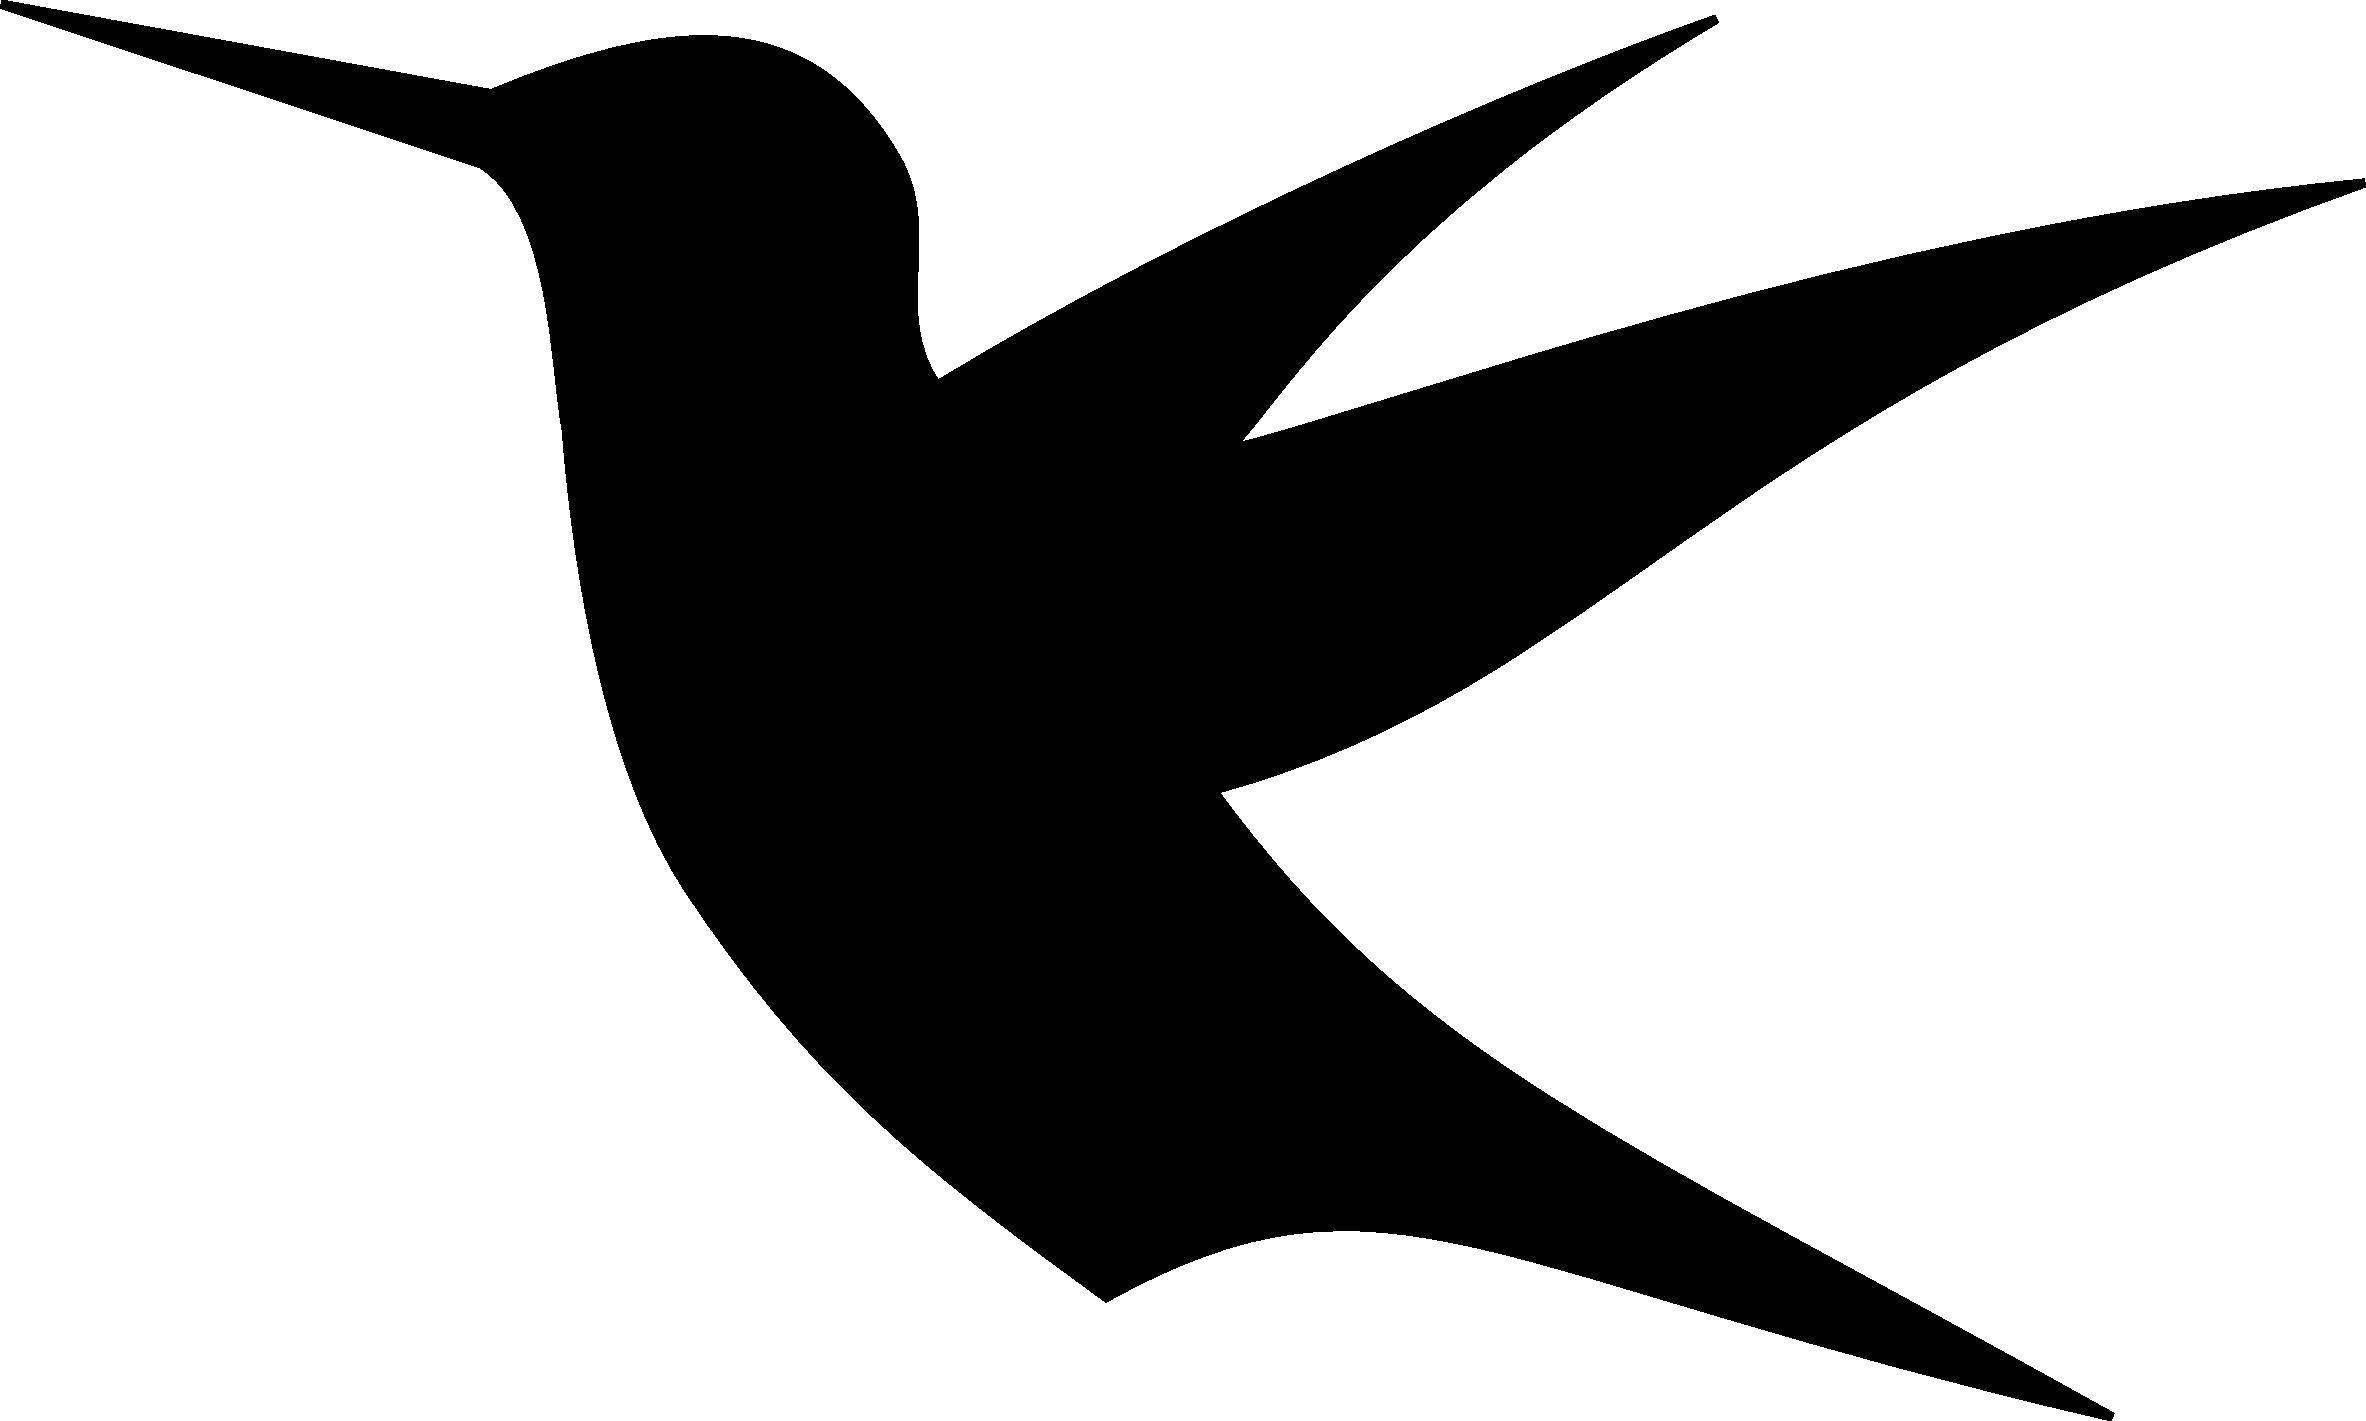 Раскраска Контуры птиц Скачать эмоции, смайлики, злость.  Распечатать ,Эмоции,